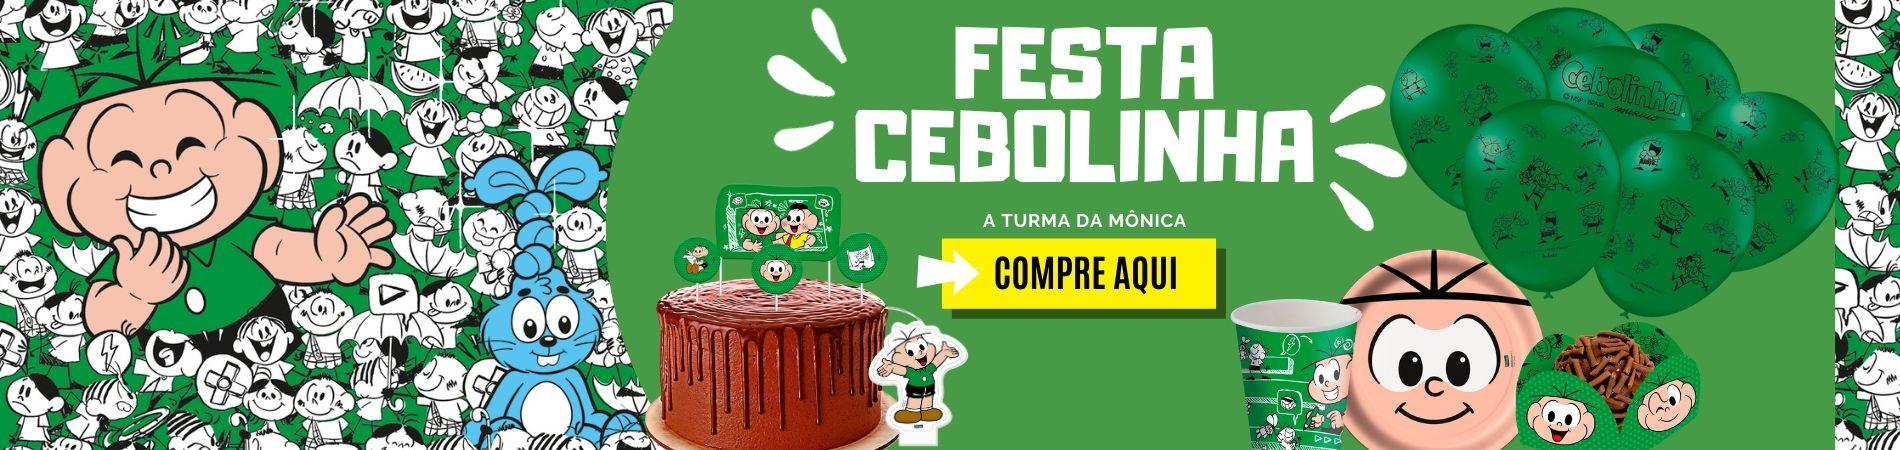 Festa Cebolinha